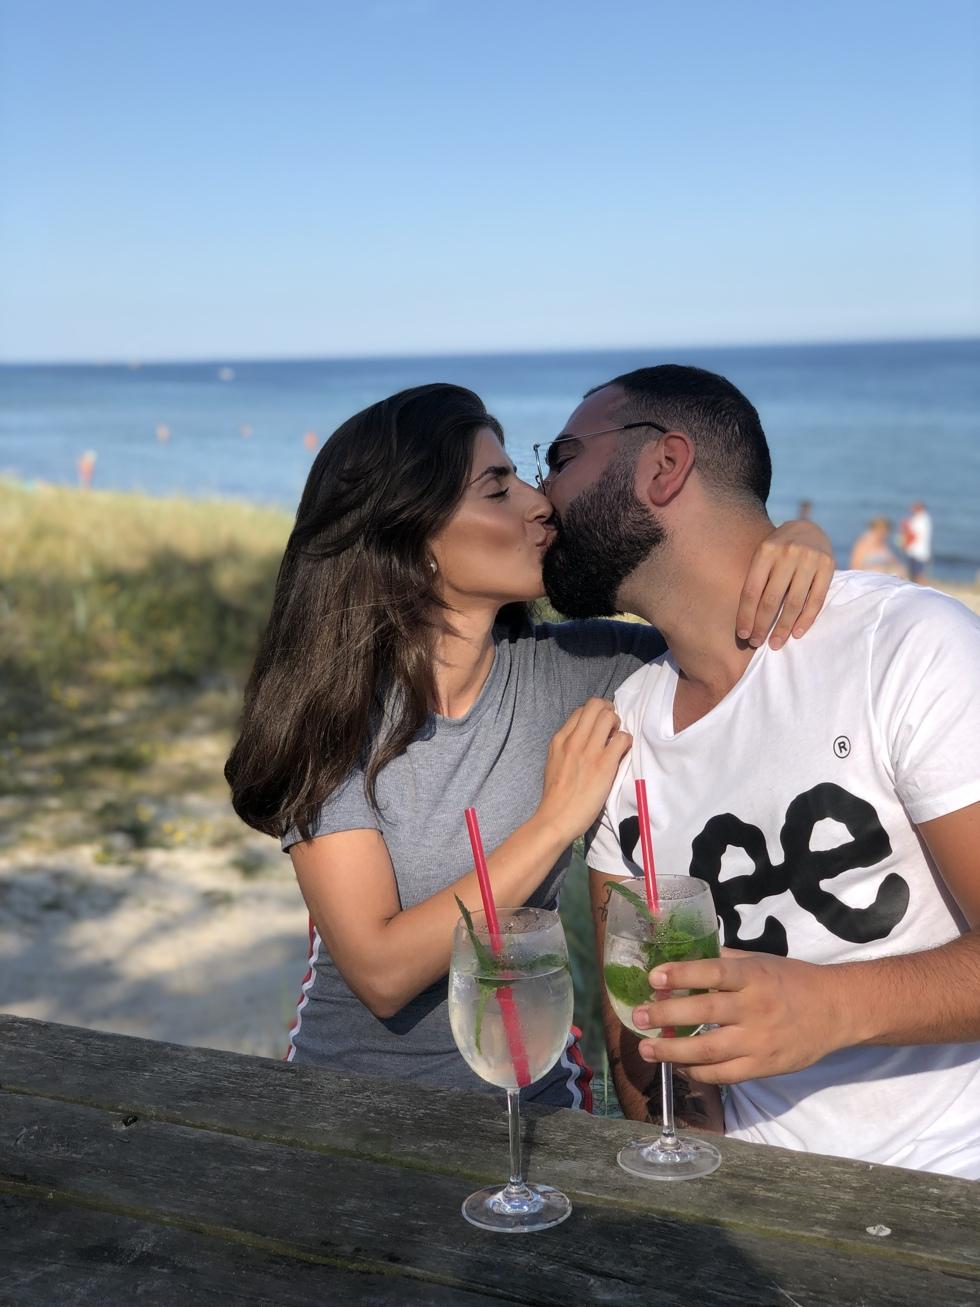 åhus romantisk dejt